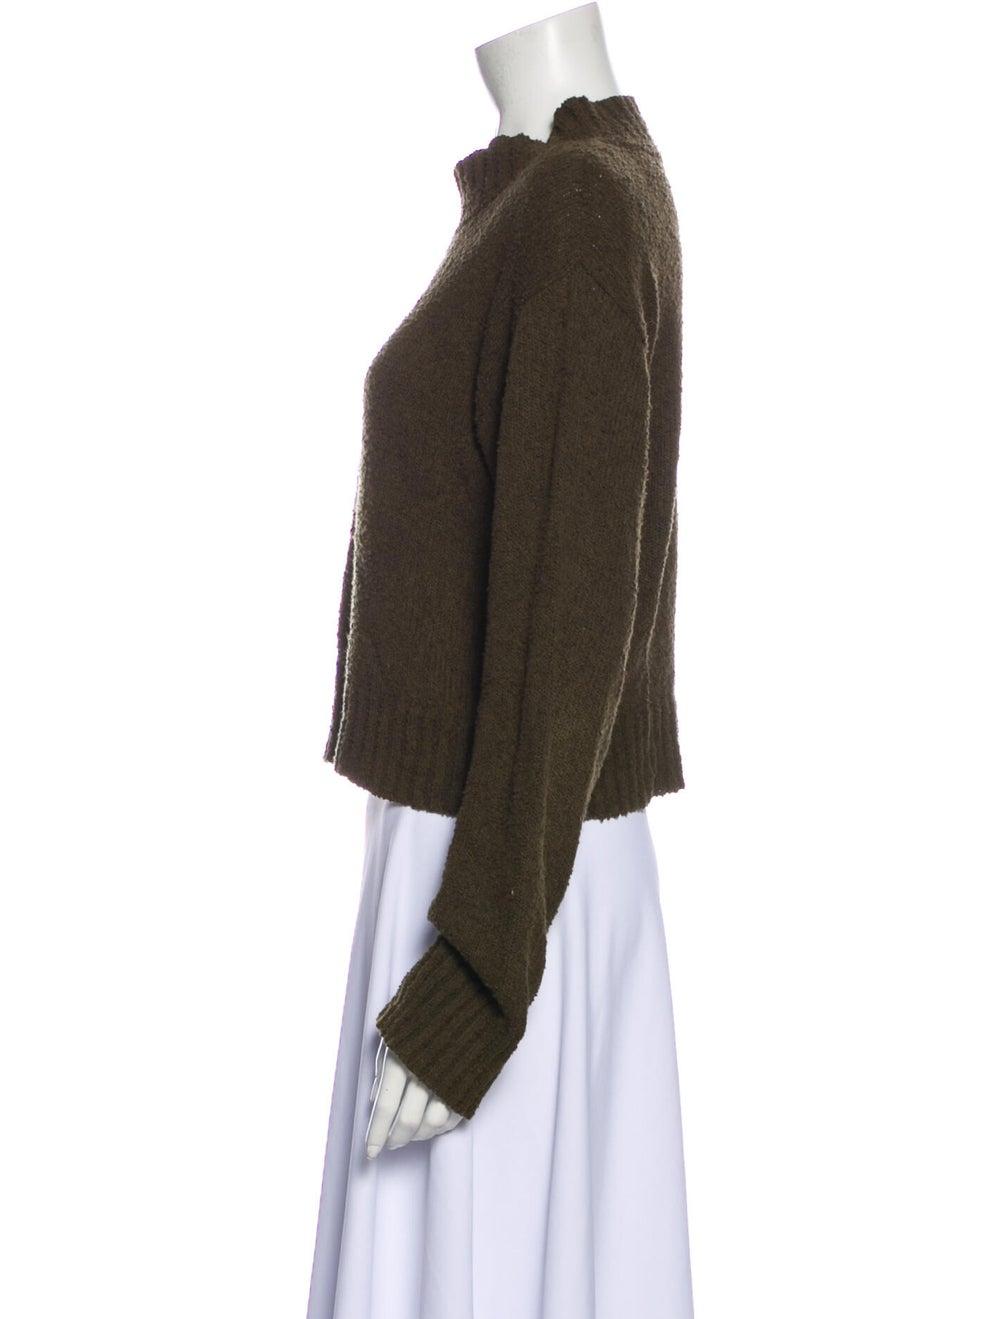 Dôen Mock Neck Sweater Green - image 2